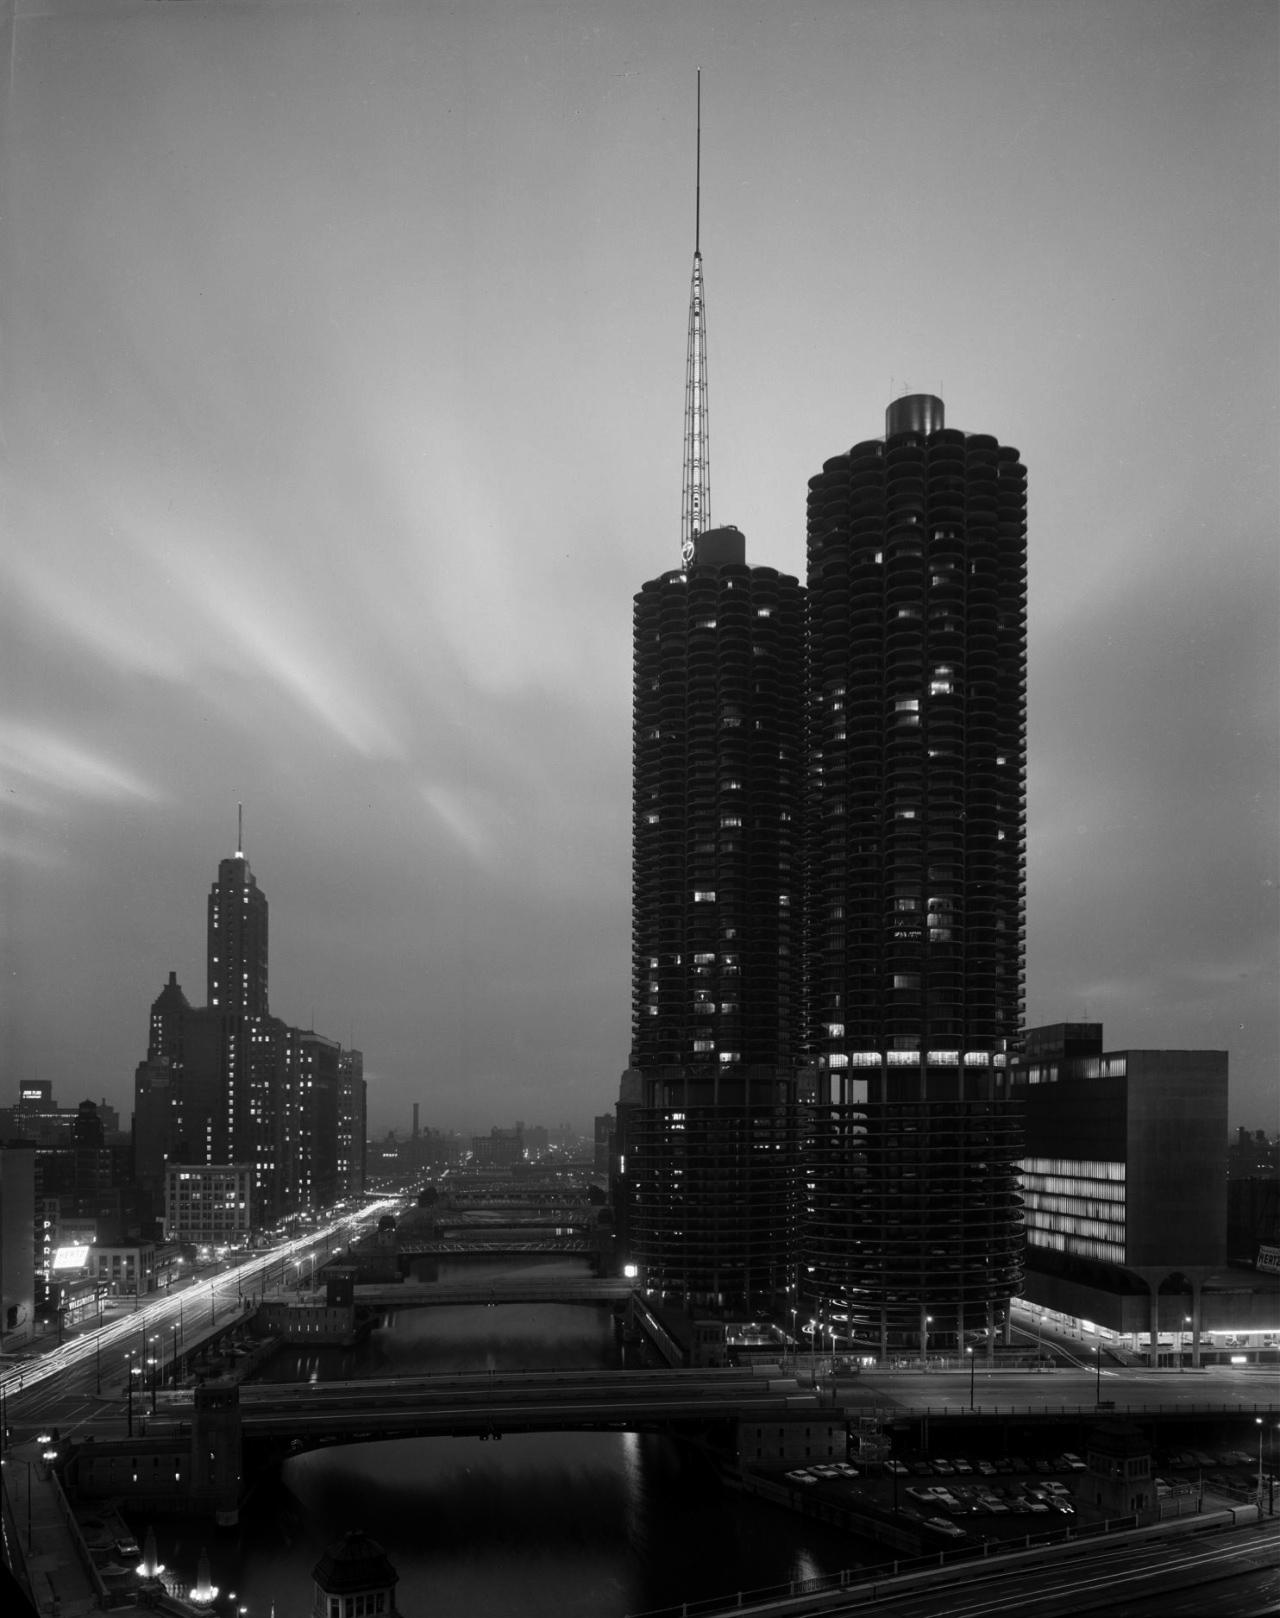 Crepúsculo en las torres, Marina City, Chicago, IL, c. 1965. Fotografía © Hedrich Blessing Archive, Chicago History Museum